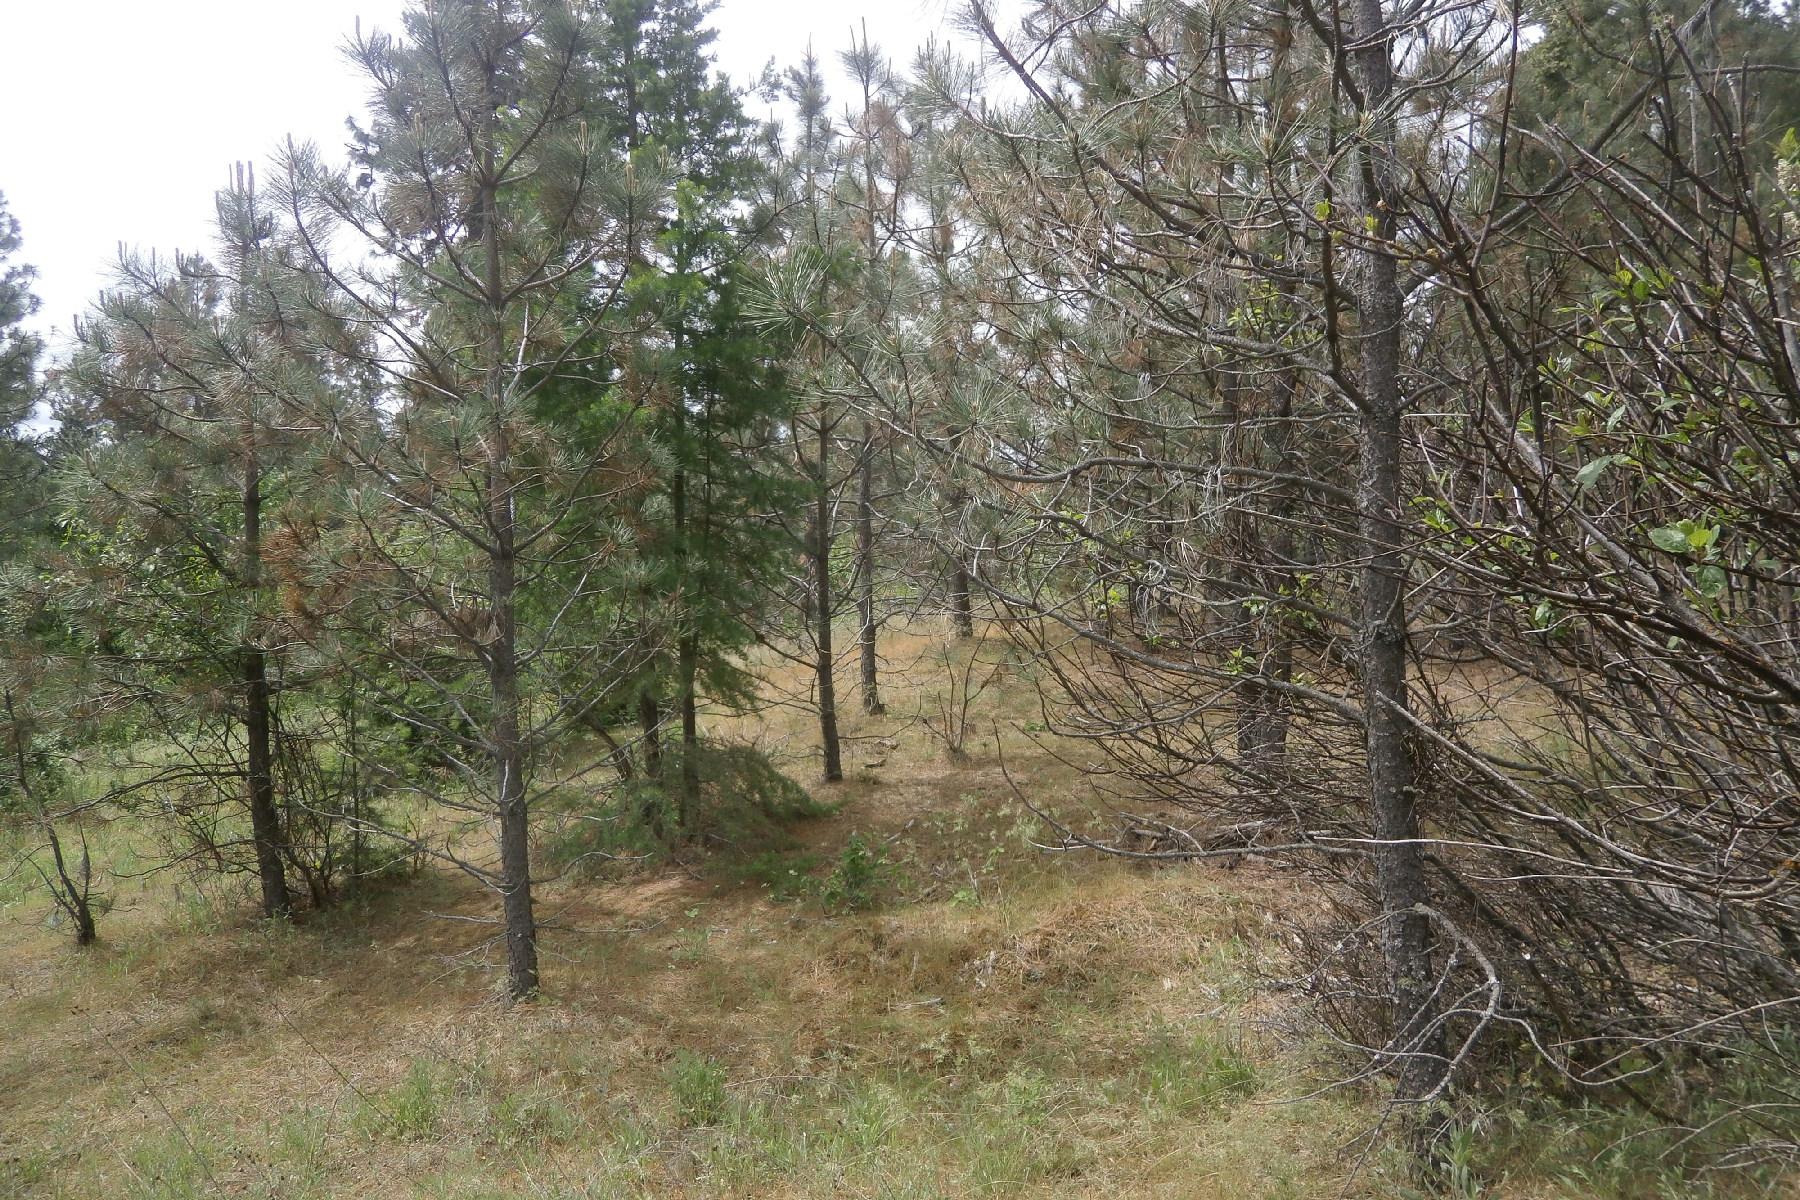 Arazi için Satış at NNA N Church Rd Lot 1 Rathdrum, Idaho, 83858 Amerika Birleşik Devletleri